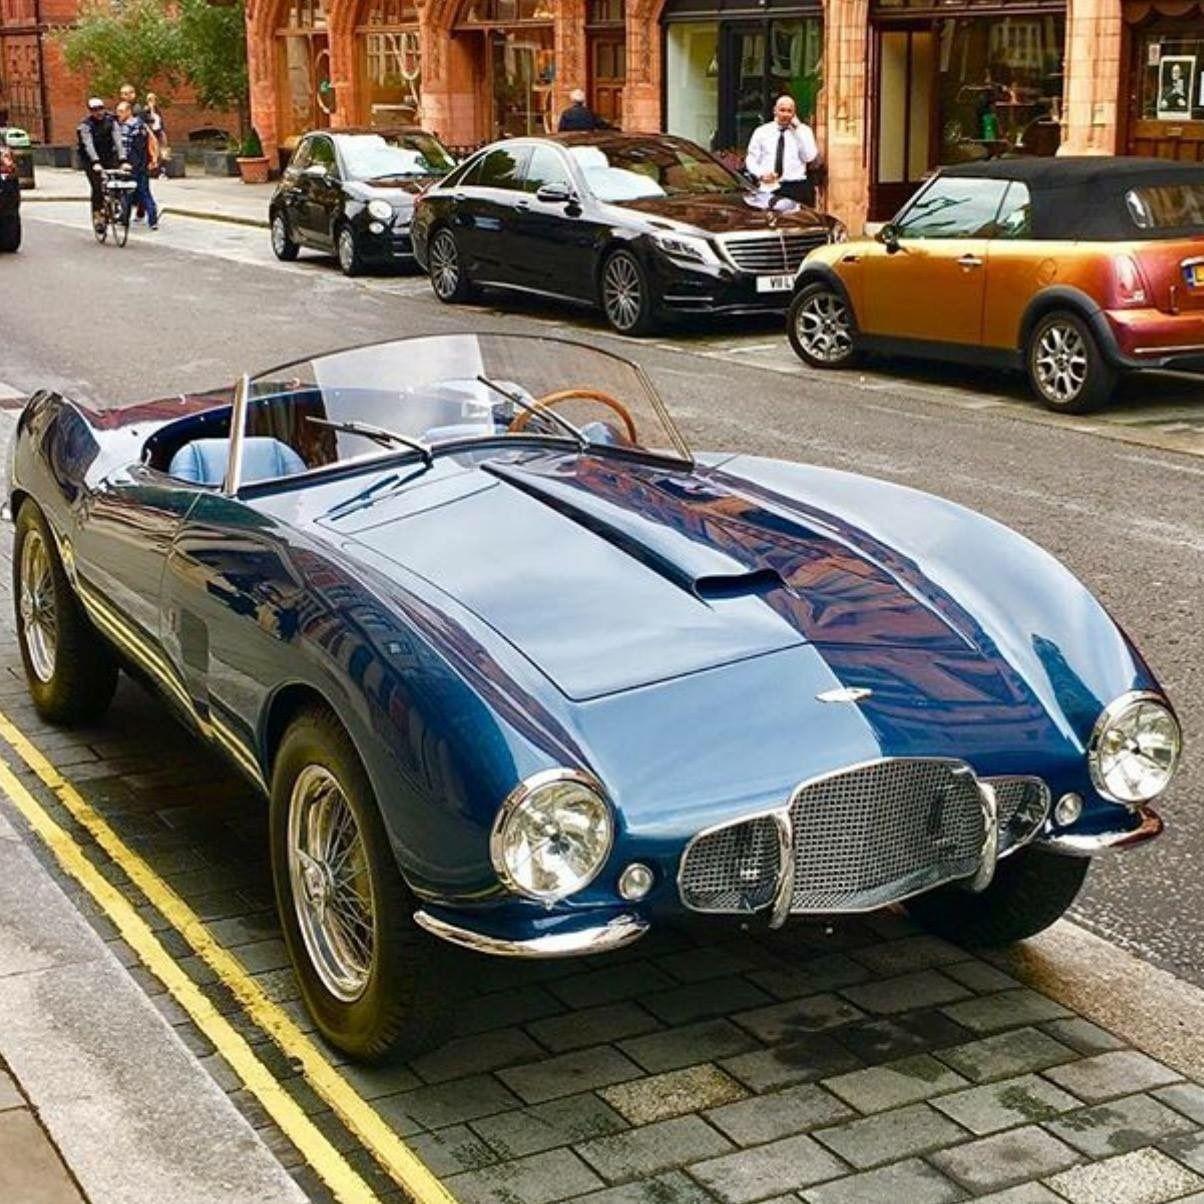 aston martin more vintage top boots voitures pinterest voitures belle voiture et moto. Black Bedroom Furniture Sets. Home Design Ideas